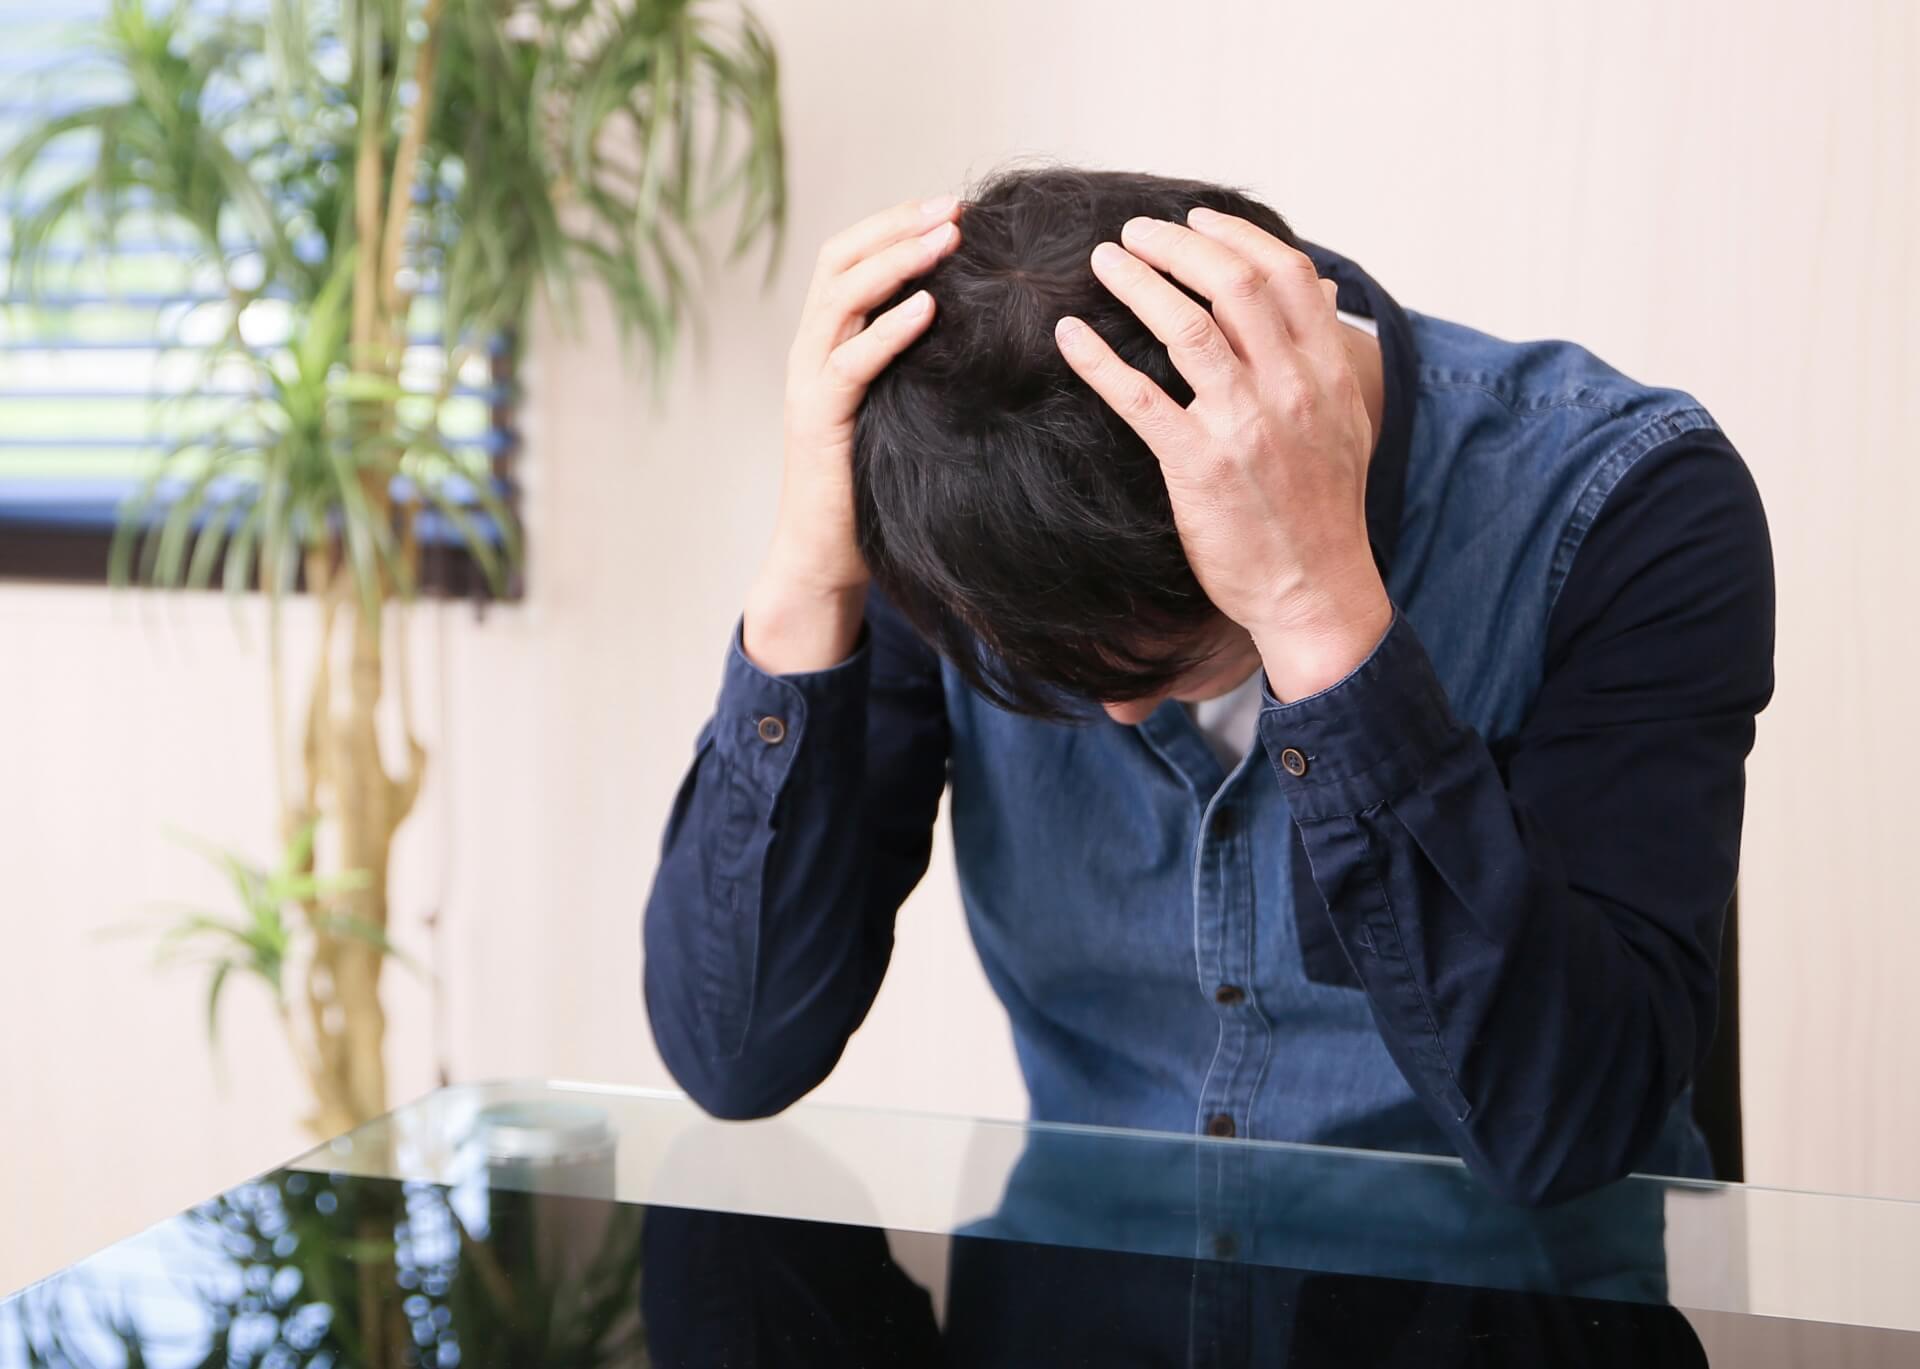 テストステロンが減るとどうなるの?【男性更年期障害の原因にも】